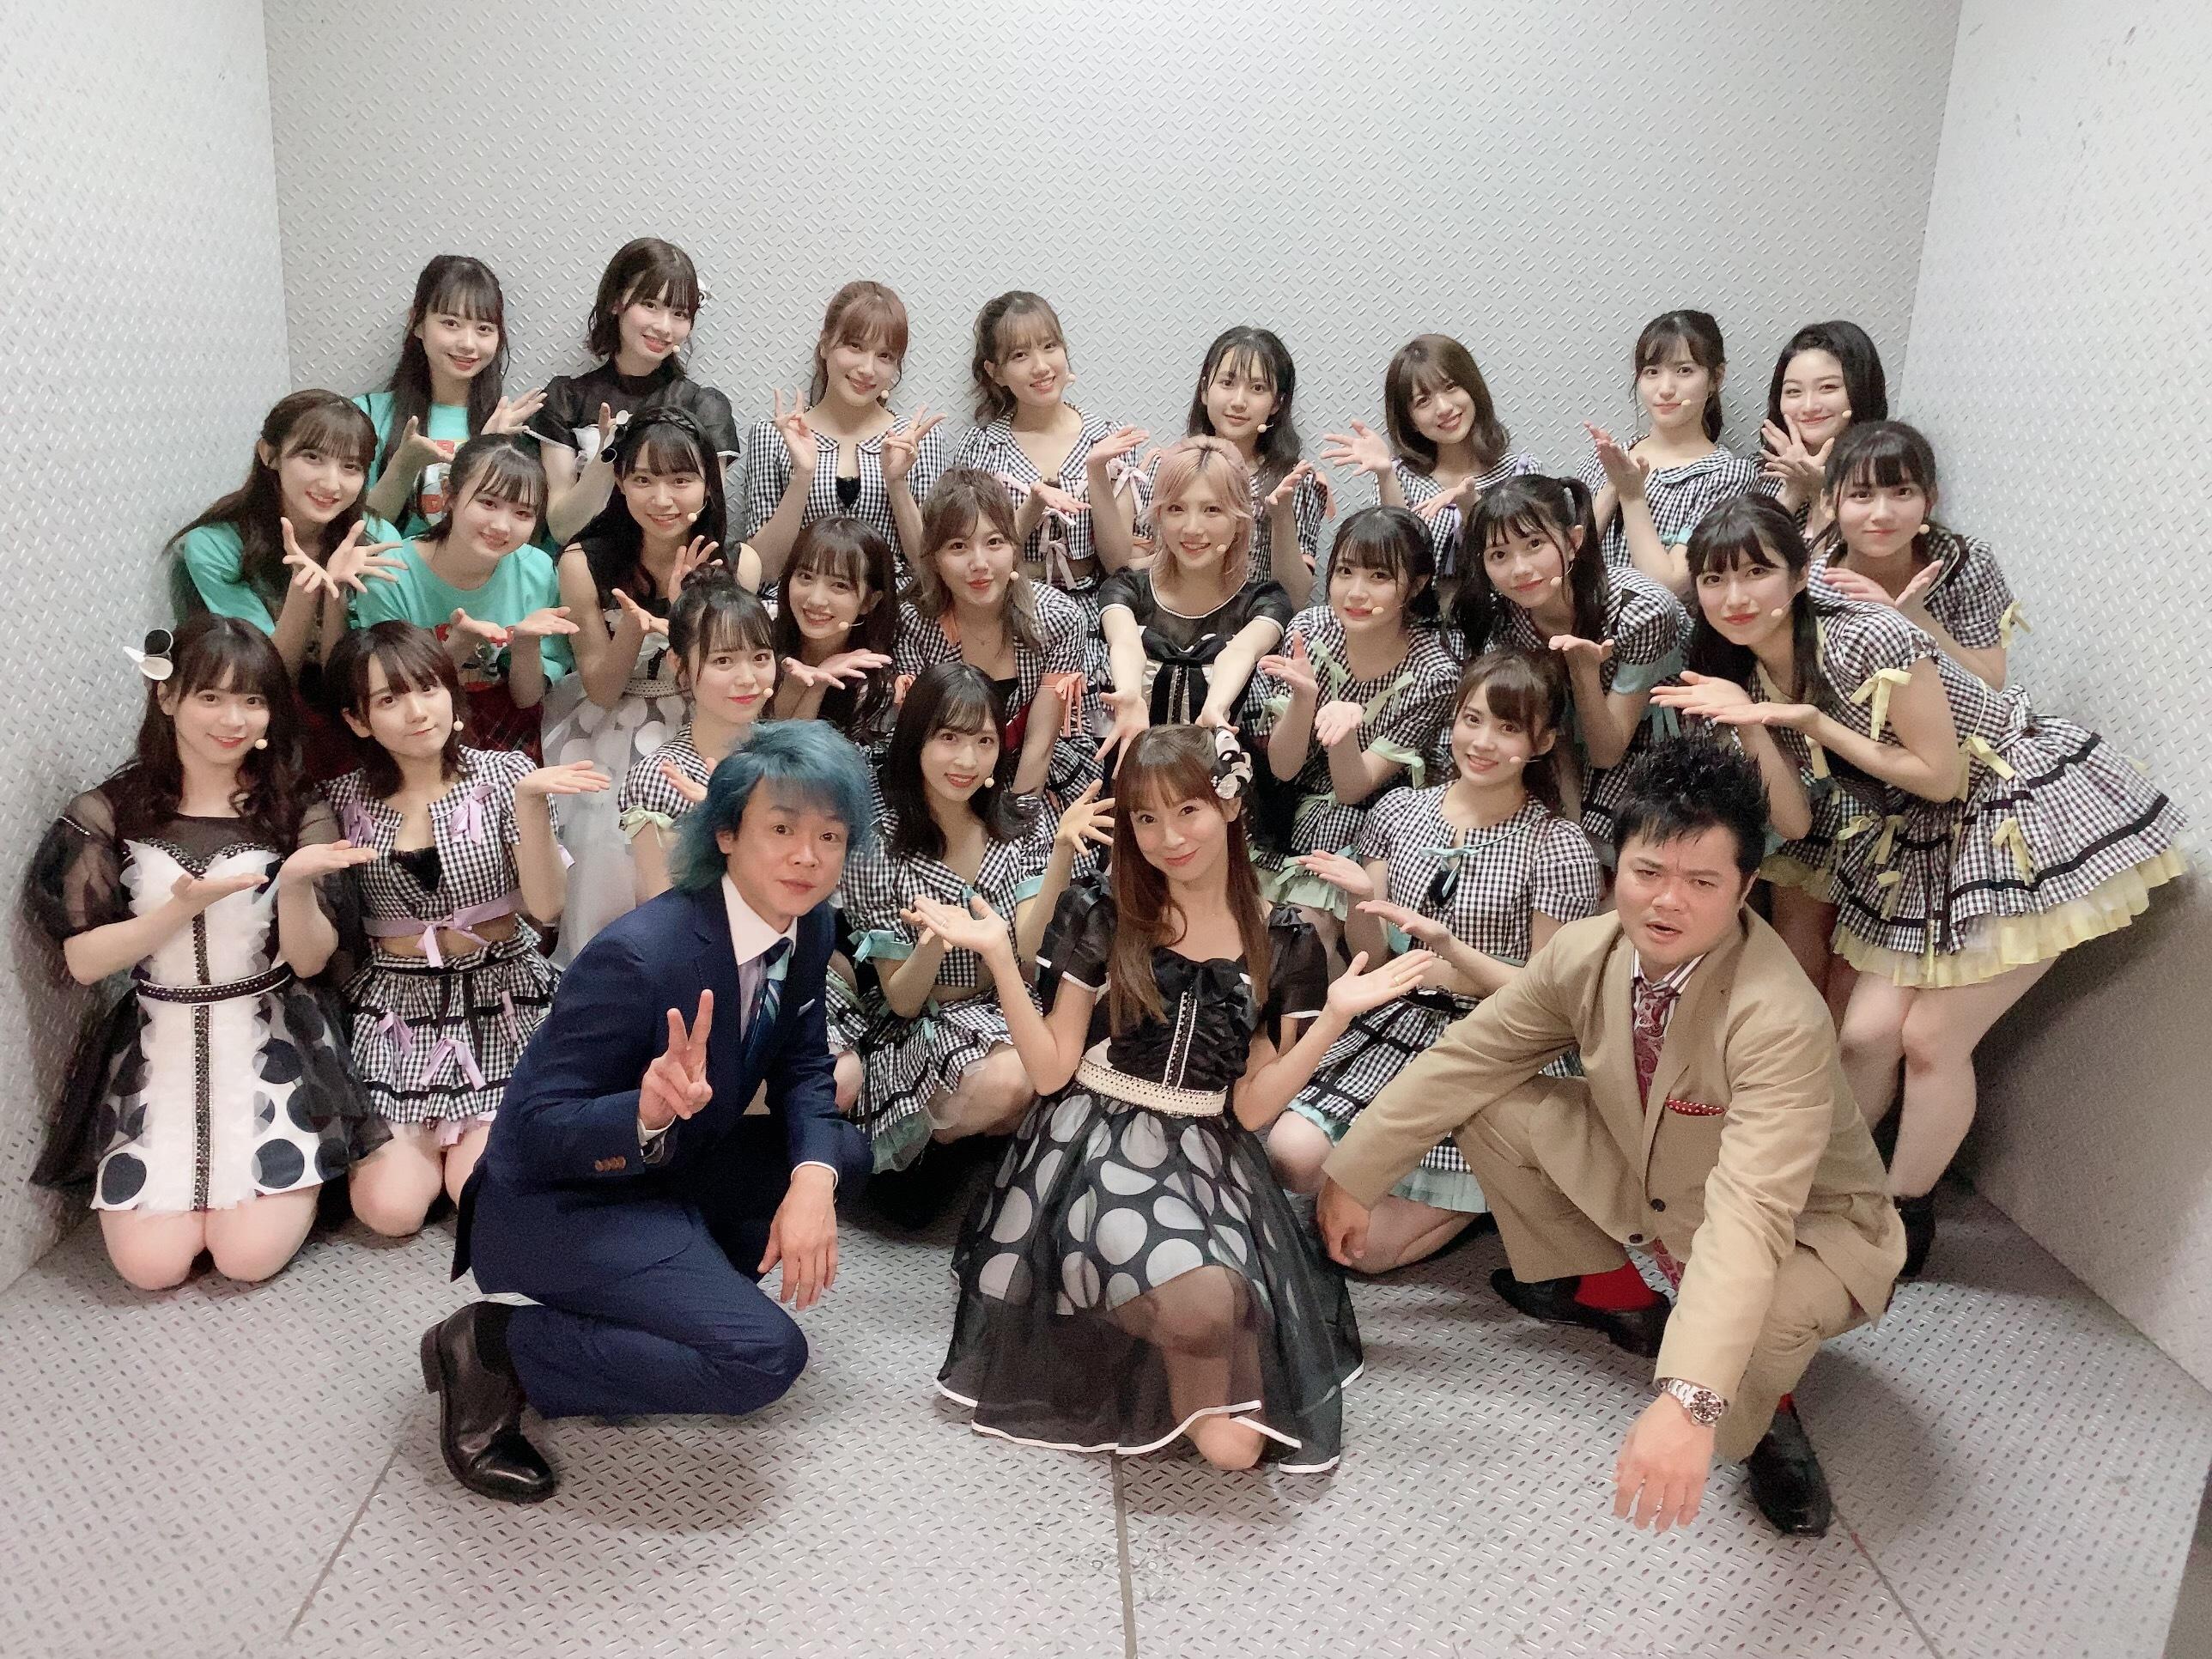 鈴木亜美&バッドボーイズ&AKB48集合写真